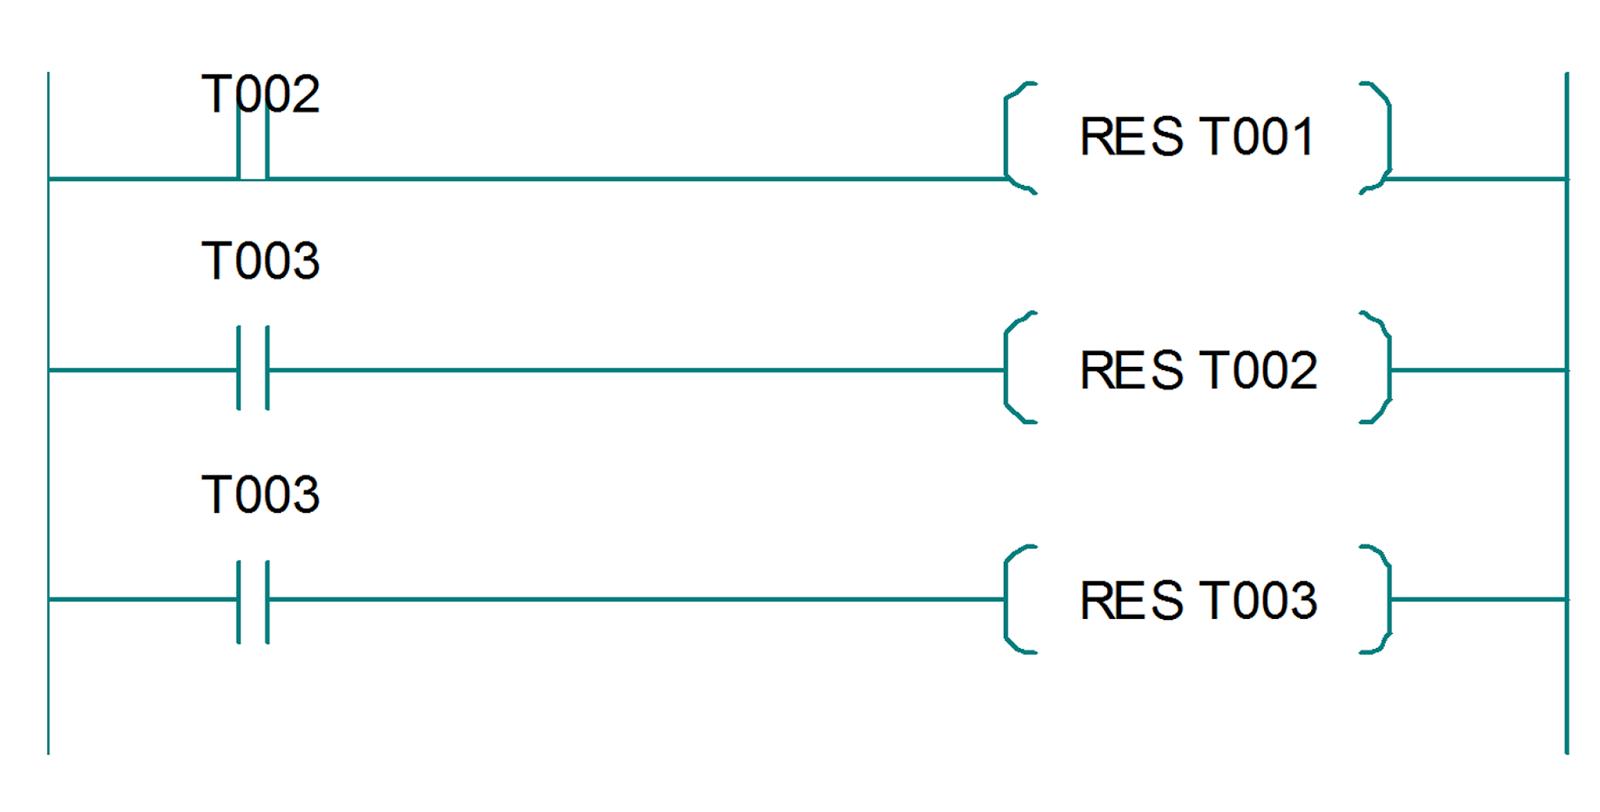 Plc pembuatan traffic light untuk me reset timer yang lain sekaligus mematikan semua lampu dibutuhkan fungsi reset yang aktif apabila kontak timer t003 telah aktif ccuart Images